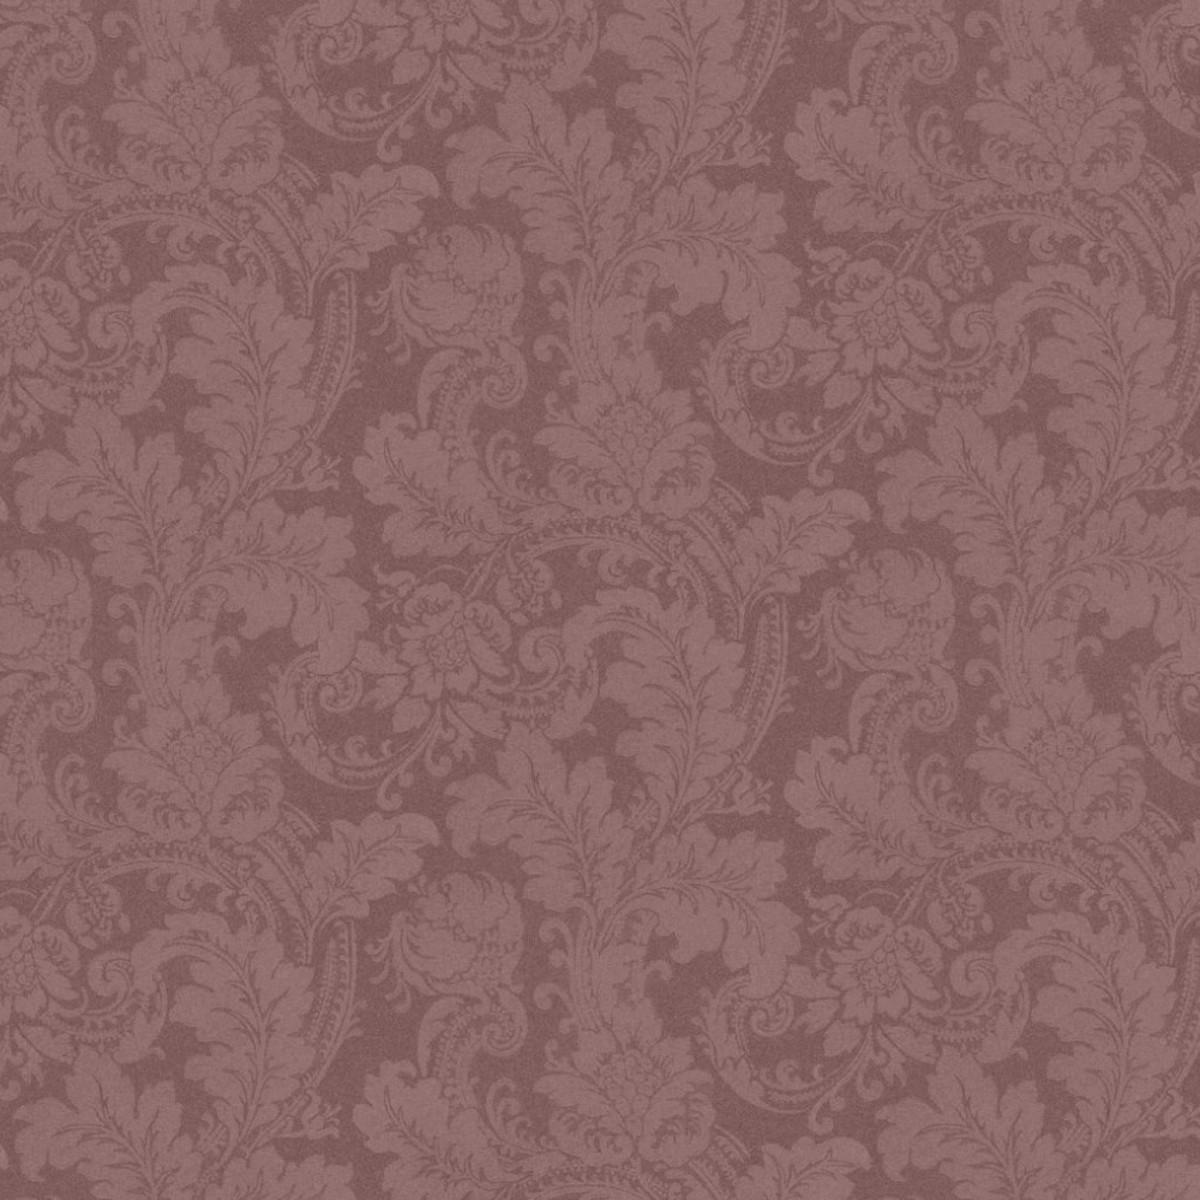 Обои флизелиновые Wallberry Бренда красные 1.06 м 142006